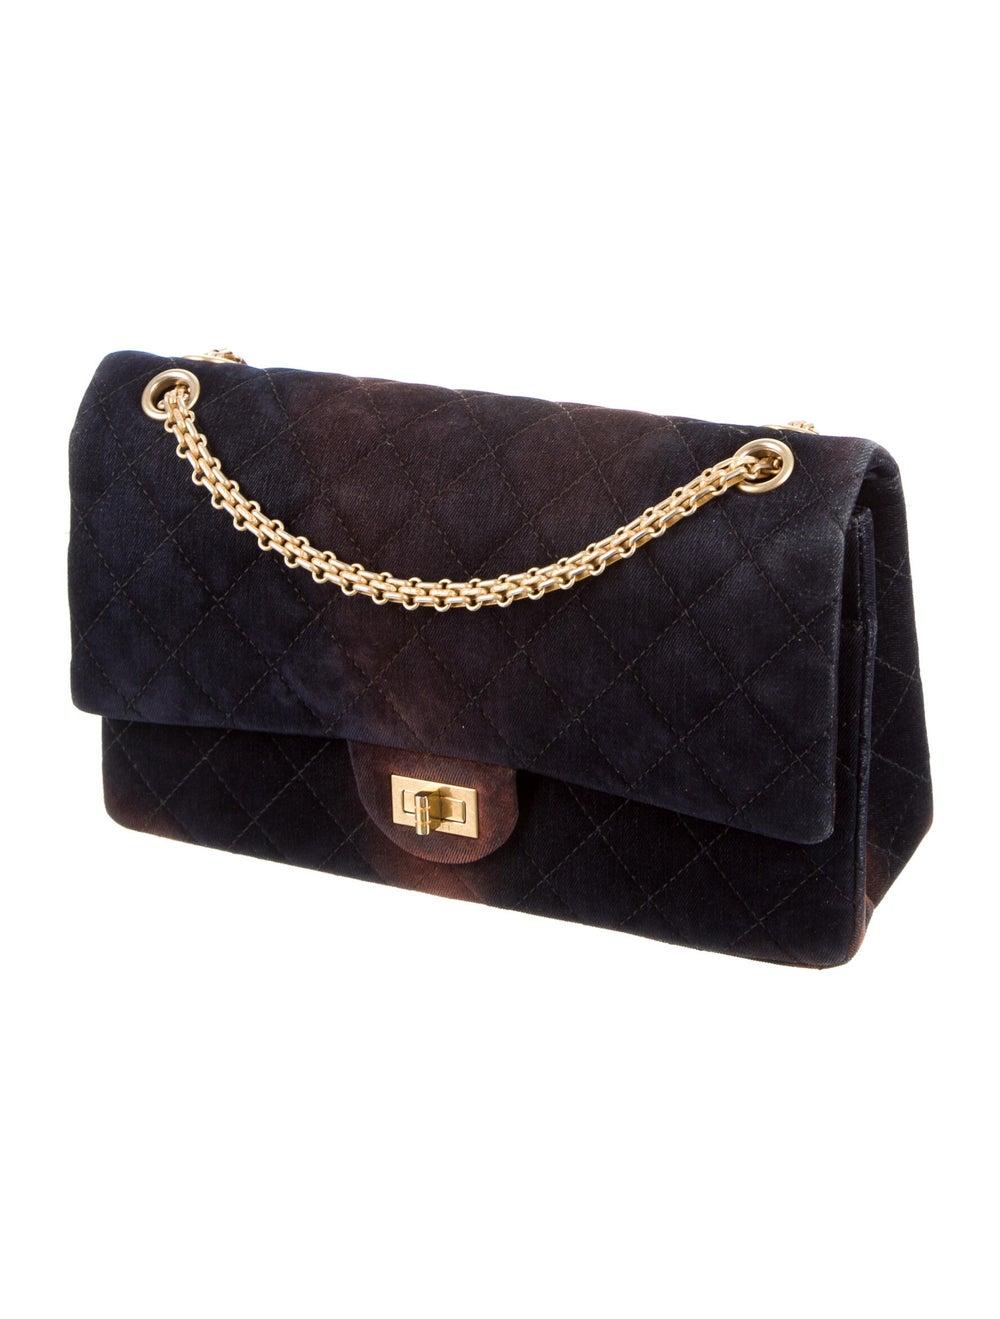 Chanel Velvet Reissue 226 Double Flap Bag Blue - image 3